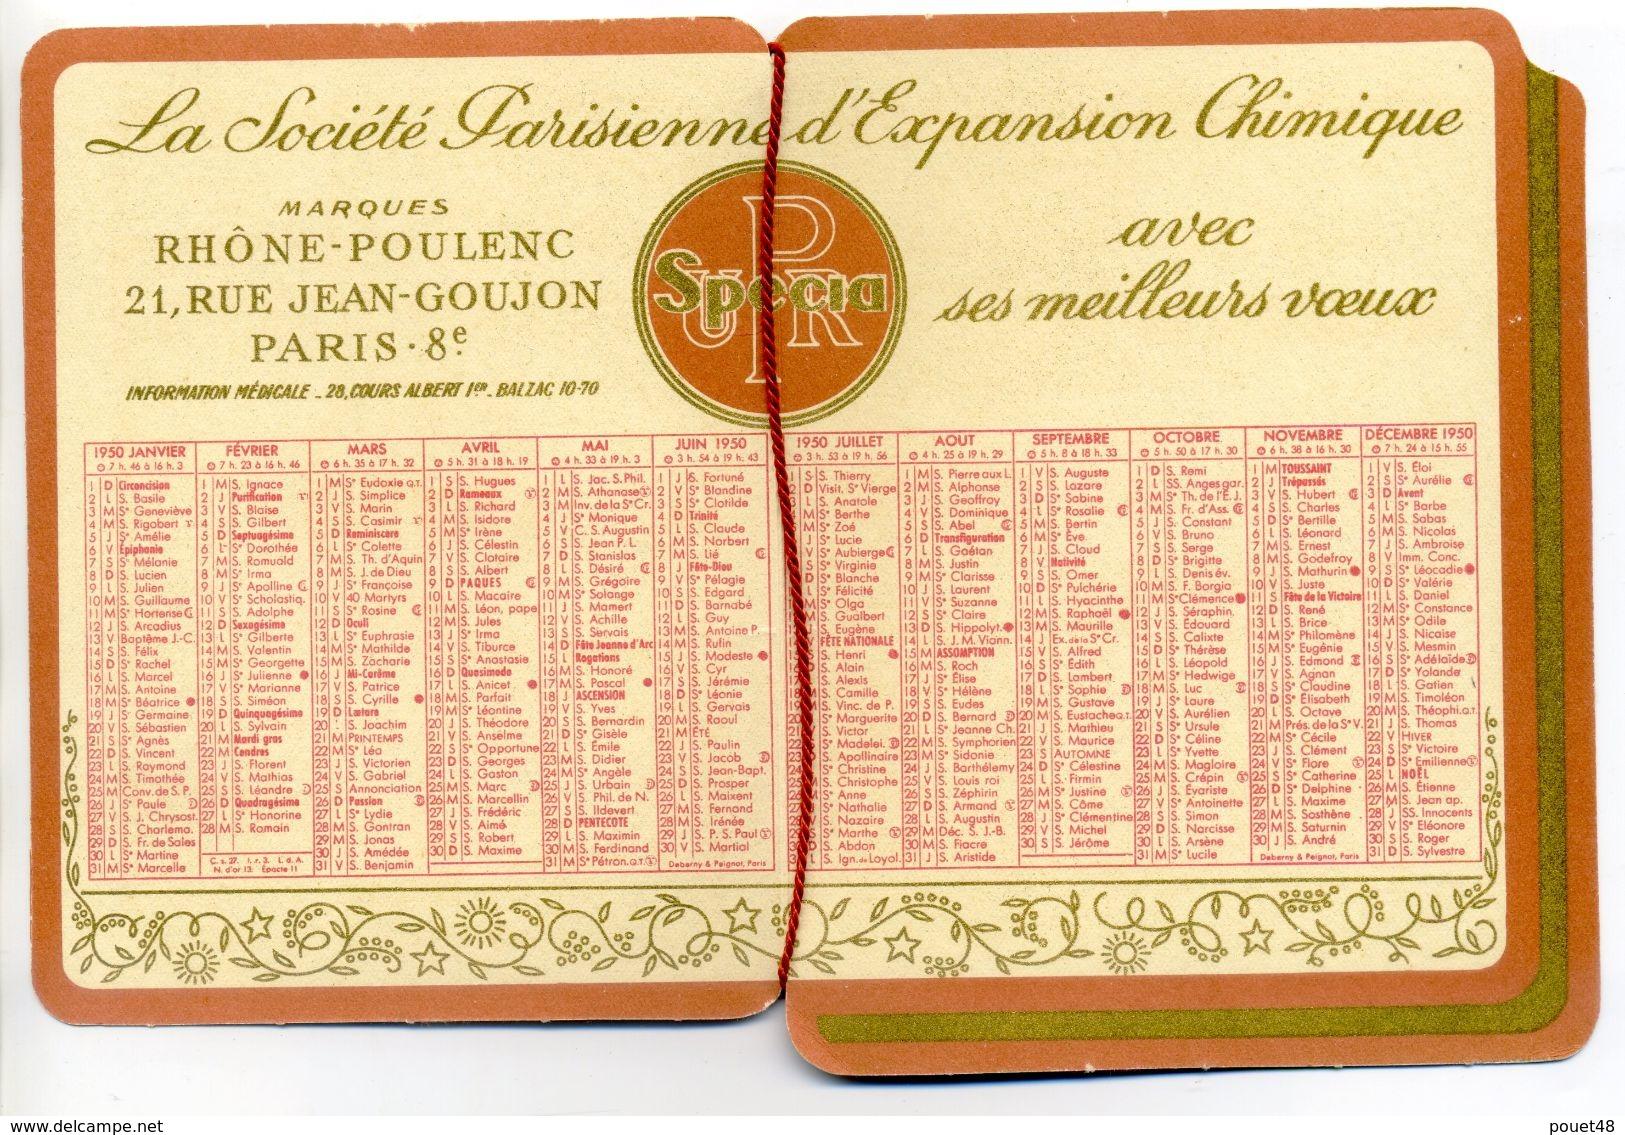 Calendrier Publicitaire Rhône Poulenc: Avec Ses Meilleurs Voeux 1950 - Calendriers